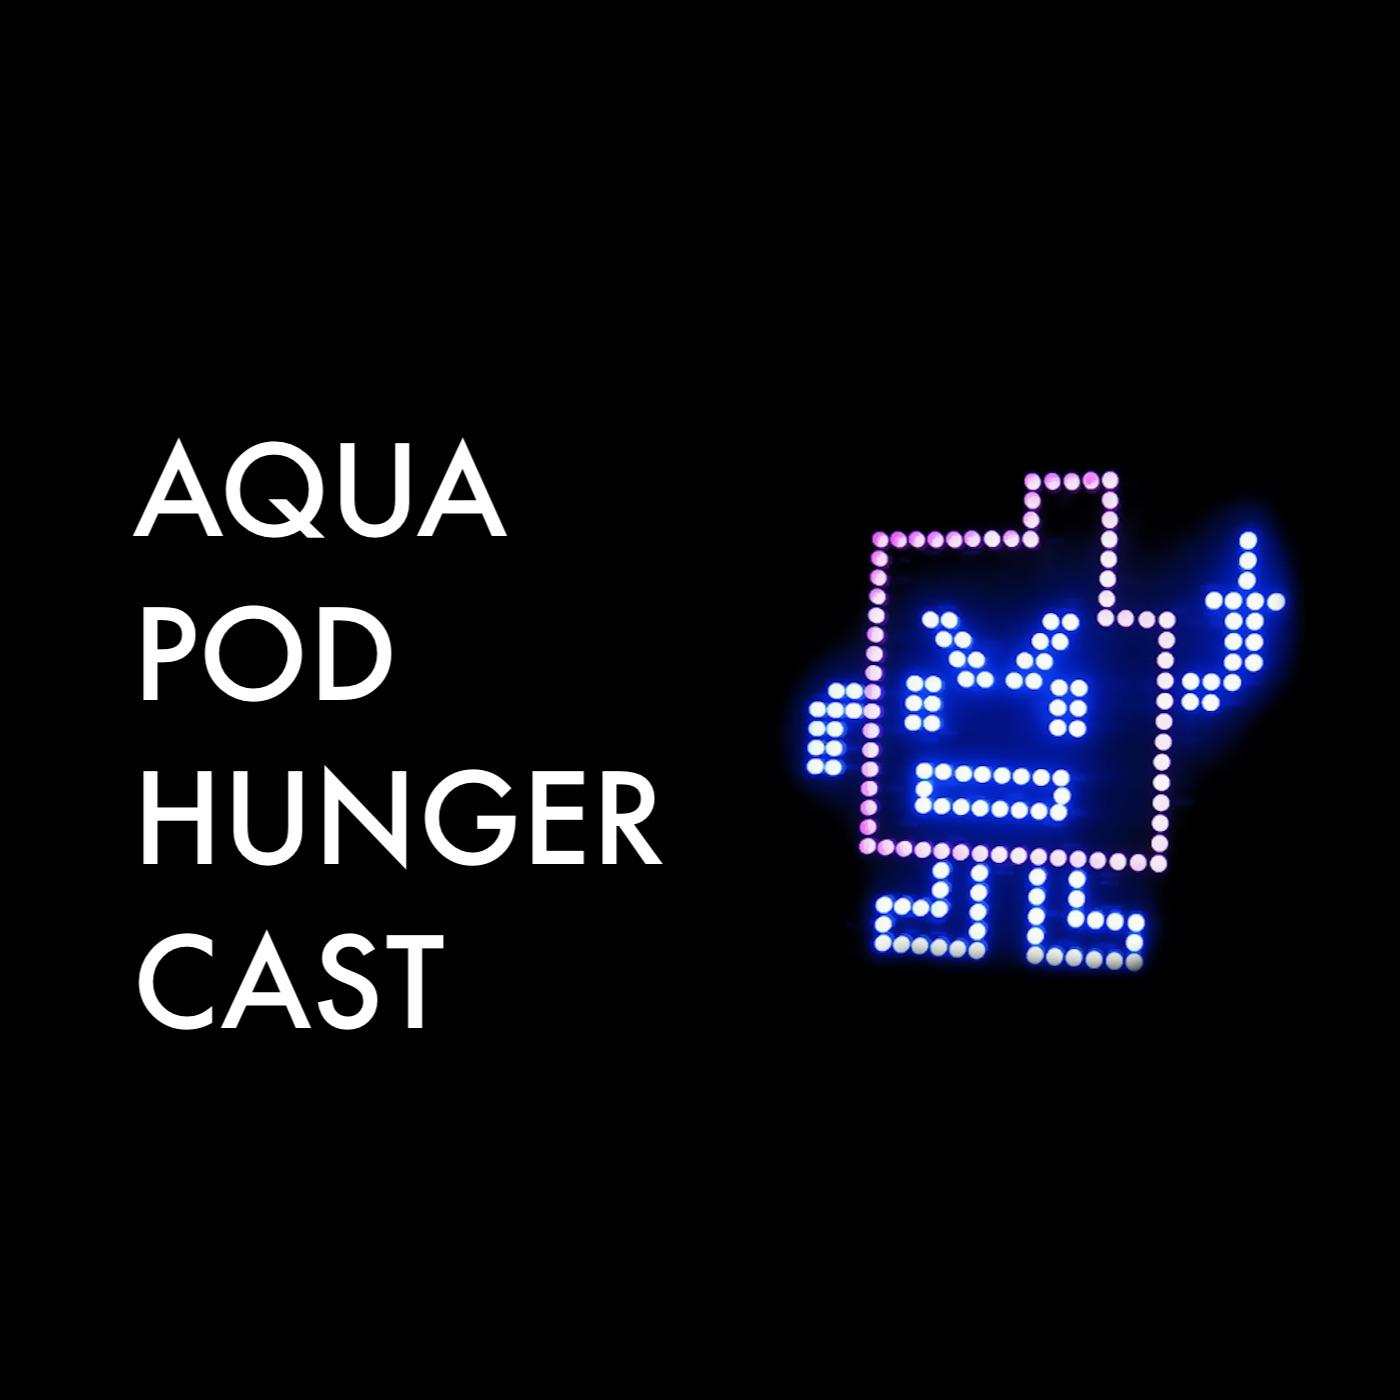 Aqua Pod Hunger Cast